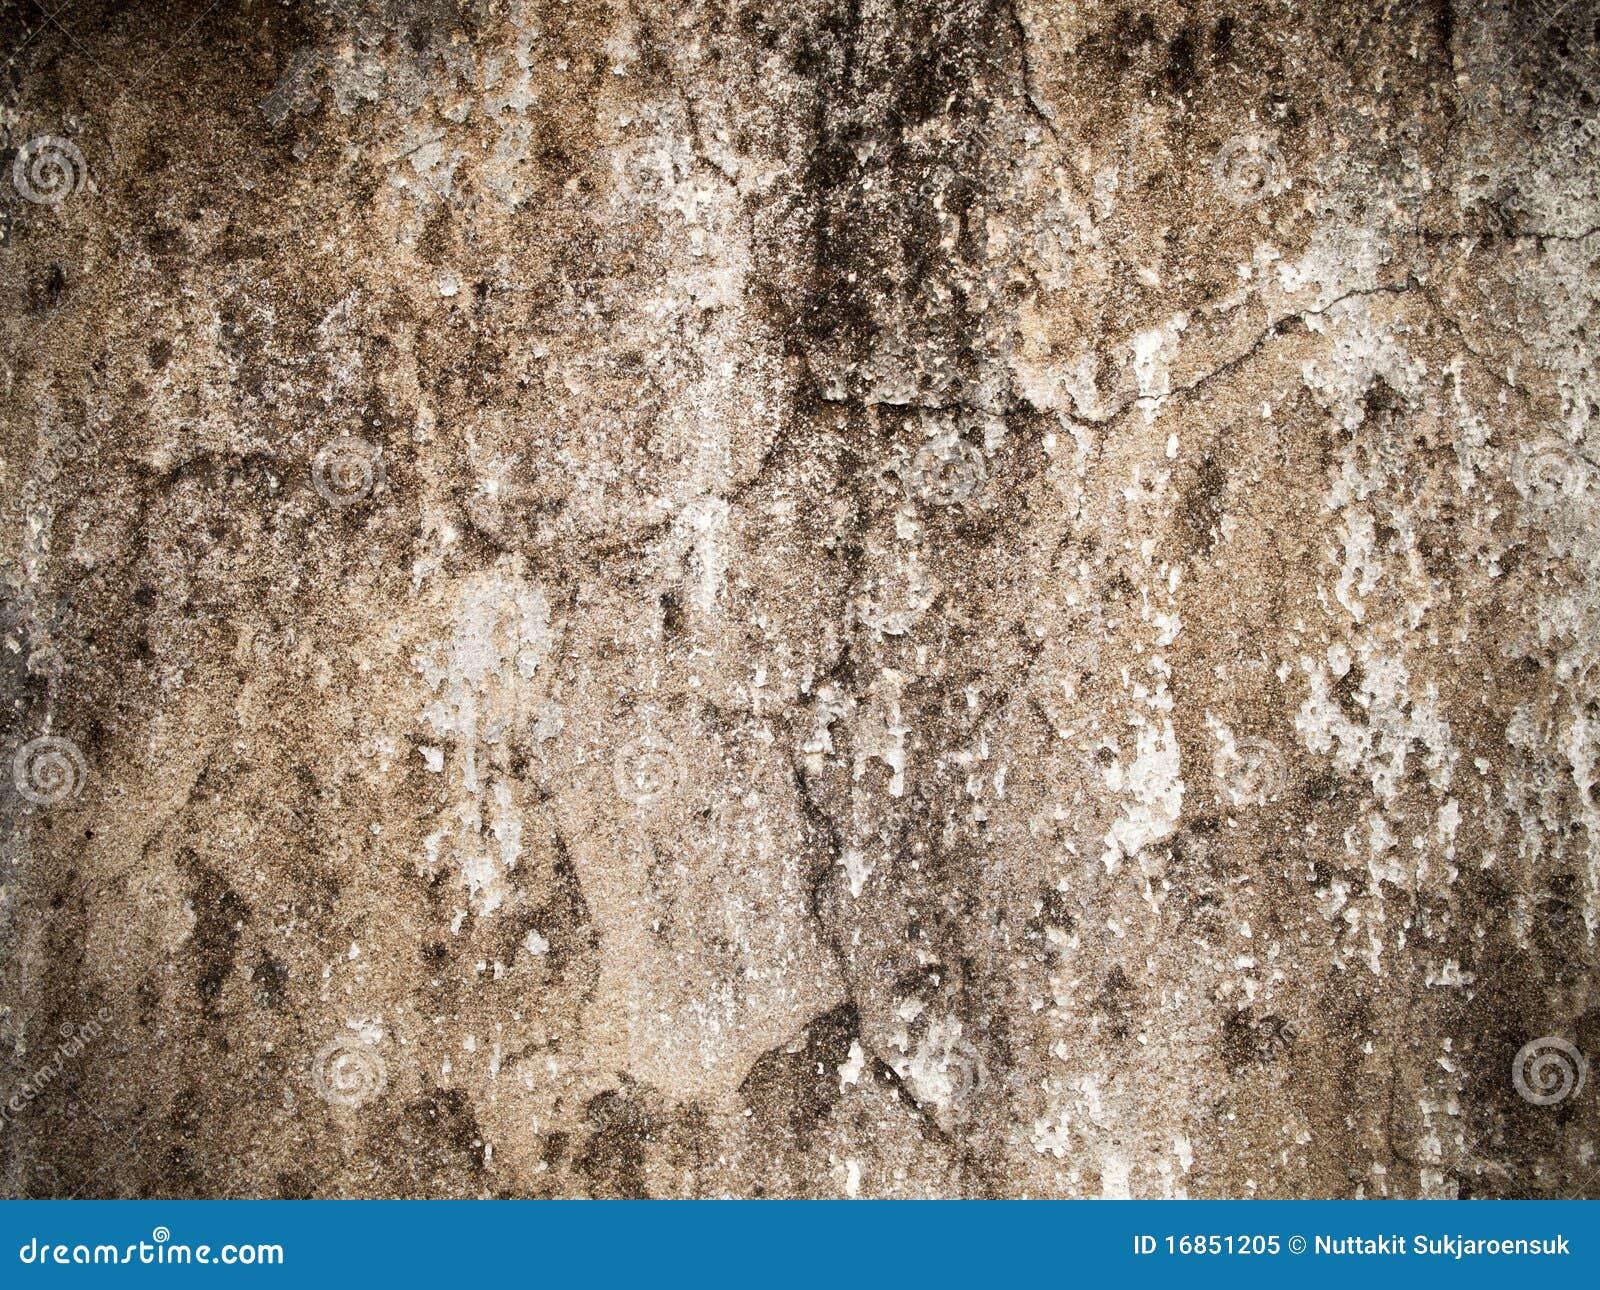 Pittura Effetto Intonaco Invecchiato parete dell'intonaco del cemento immagine stock - immagine